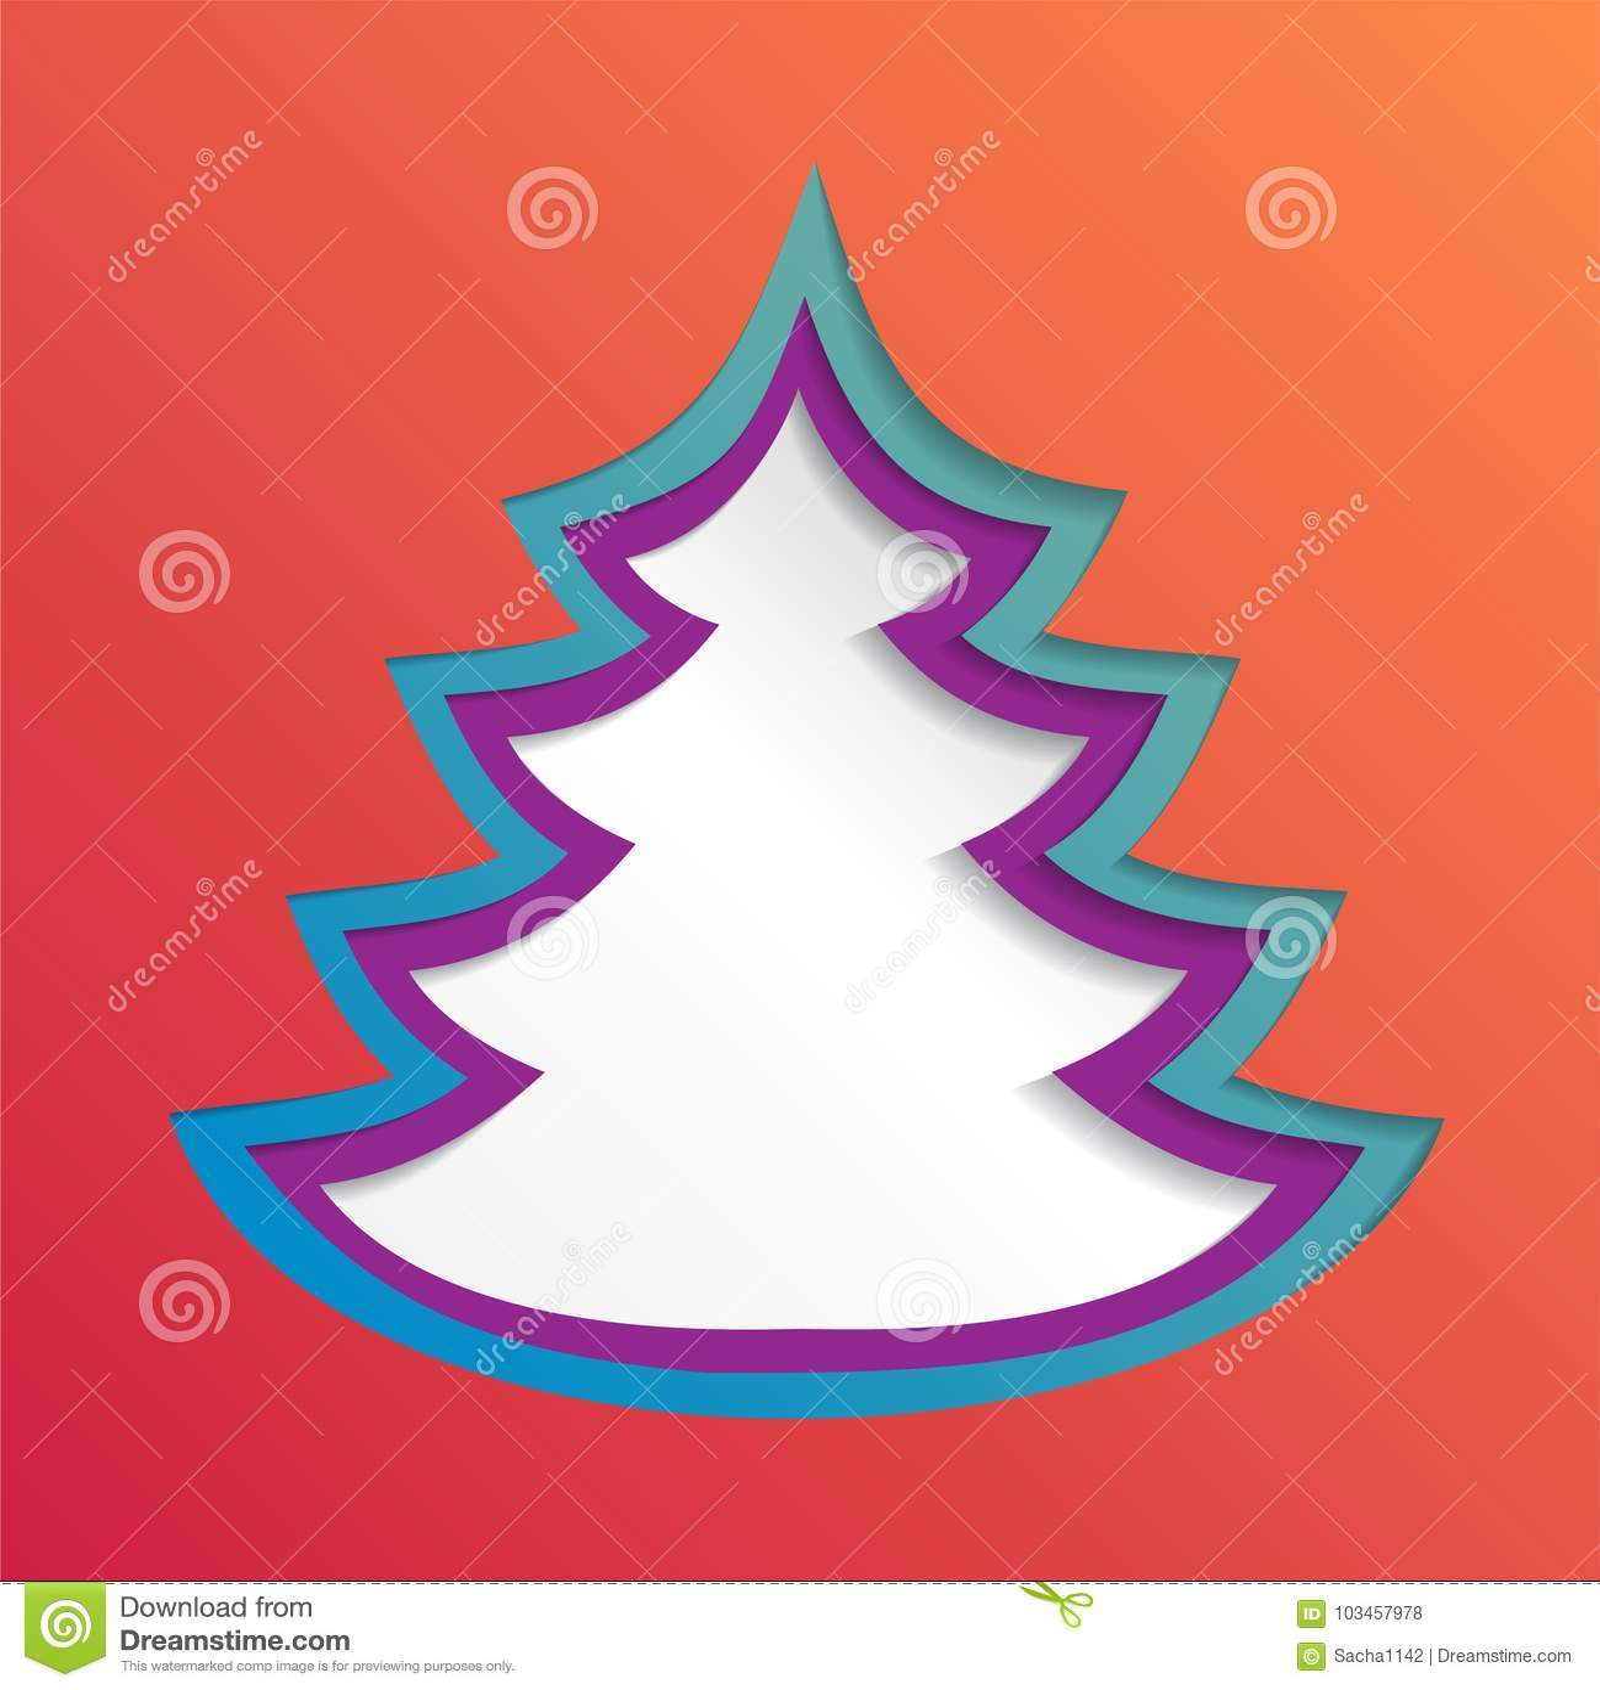 Fondo abstracto de papel creativo del árbol de navidad, ejemplo del vector eps10